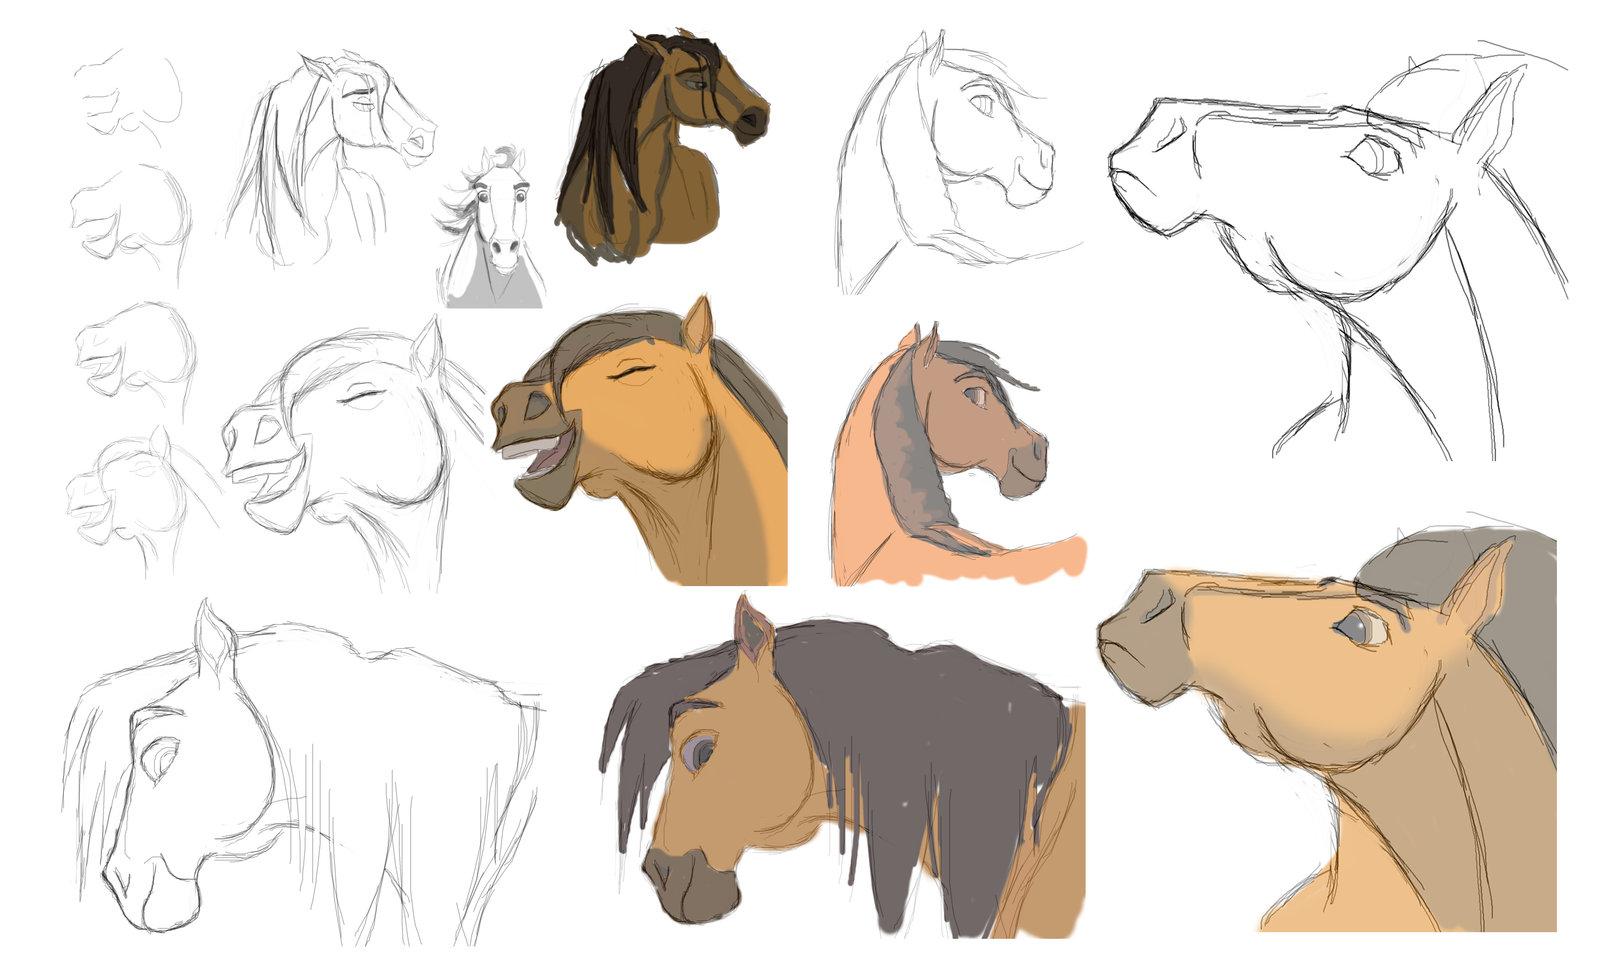 Drawn horse spirit Spirit Sketches DeviantArt Sketches Edited